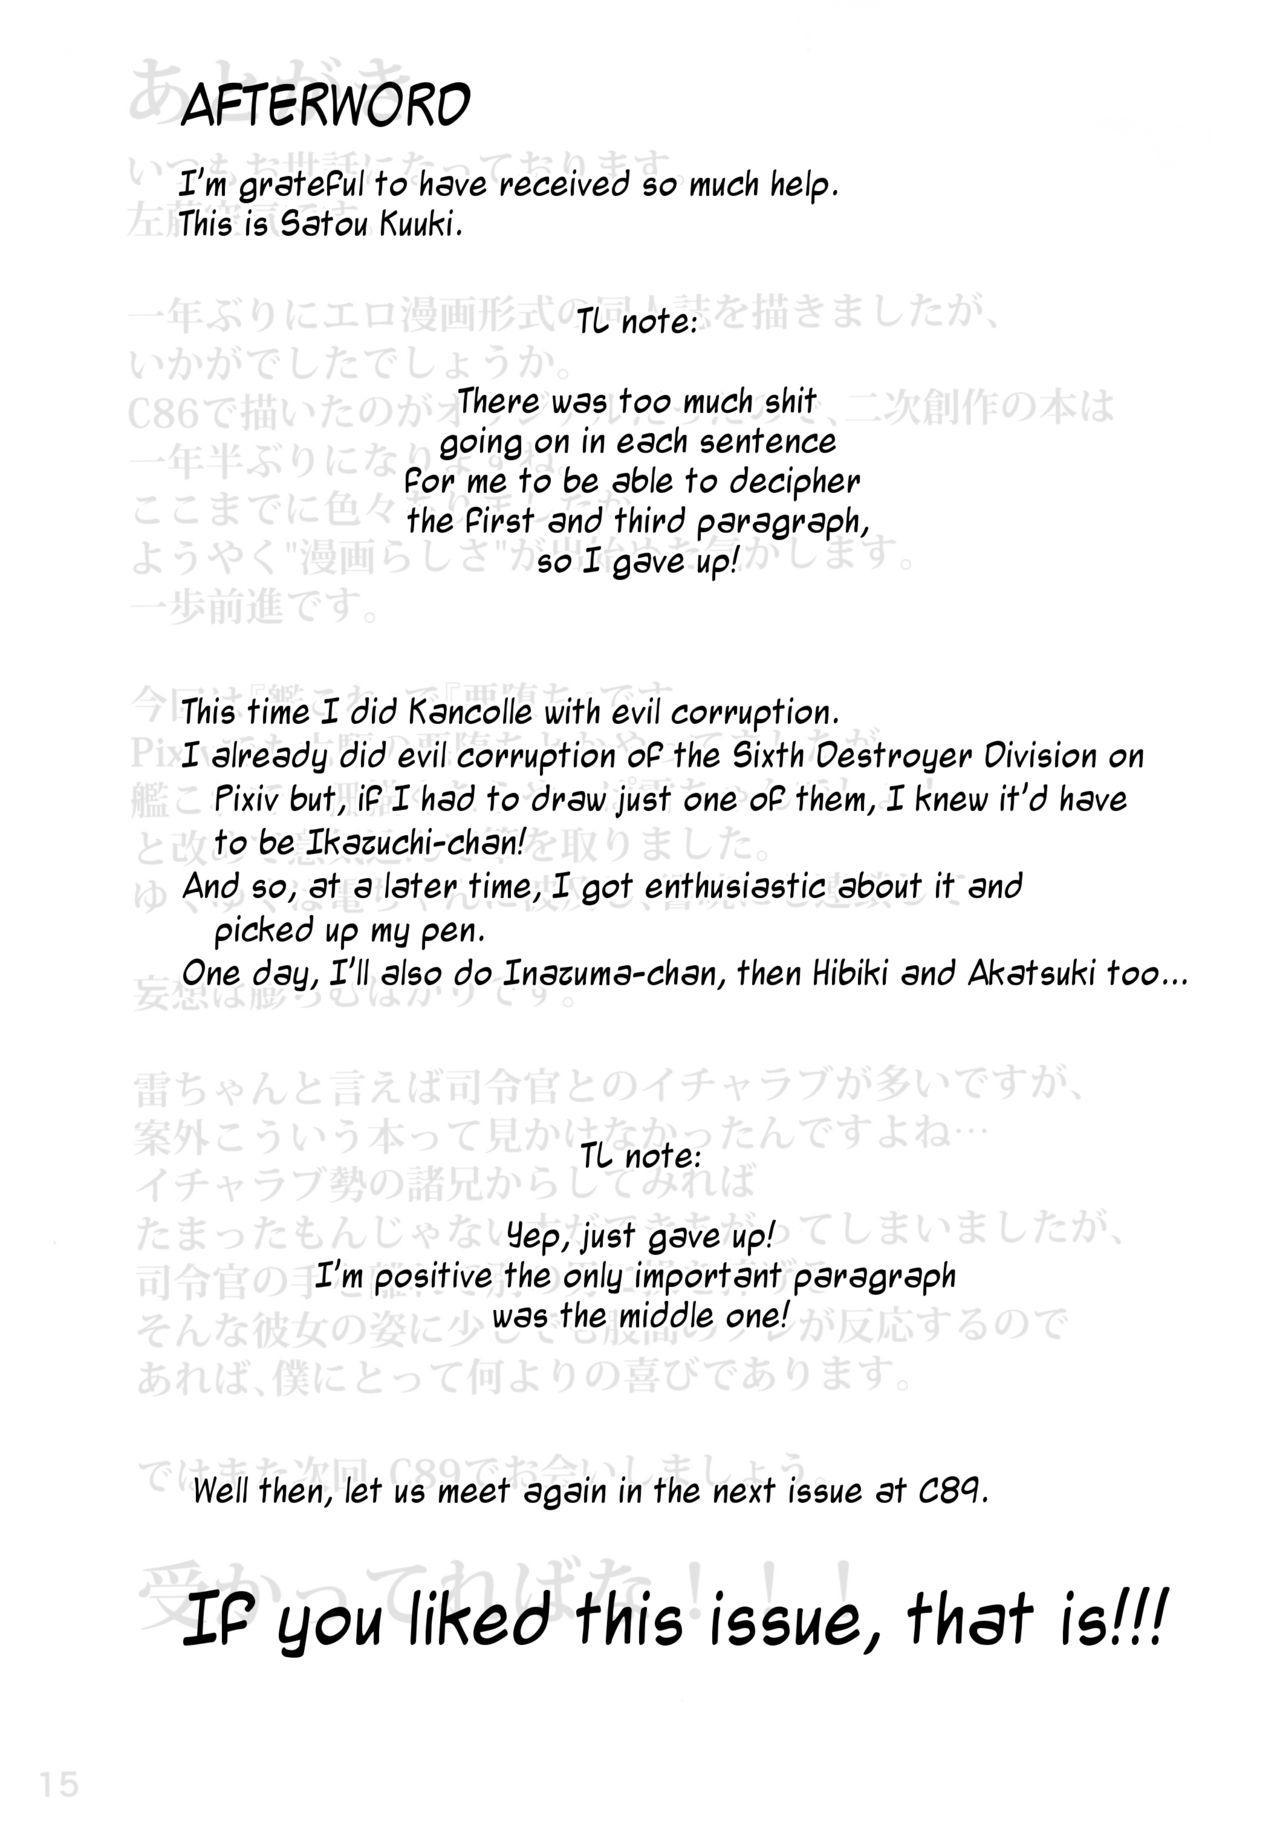 (C88) [Vpan's EXTASY (Satou Kuuki)] Ikazuchi Meiseiki - Teikoku Kaigun I-go Gokuhi Kiroku (Kantai Collection -KanColle-) [English] 16